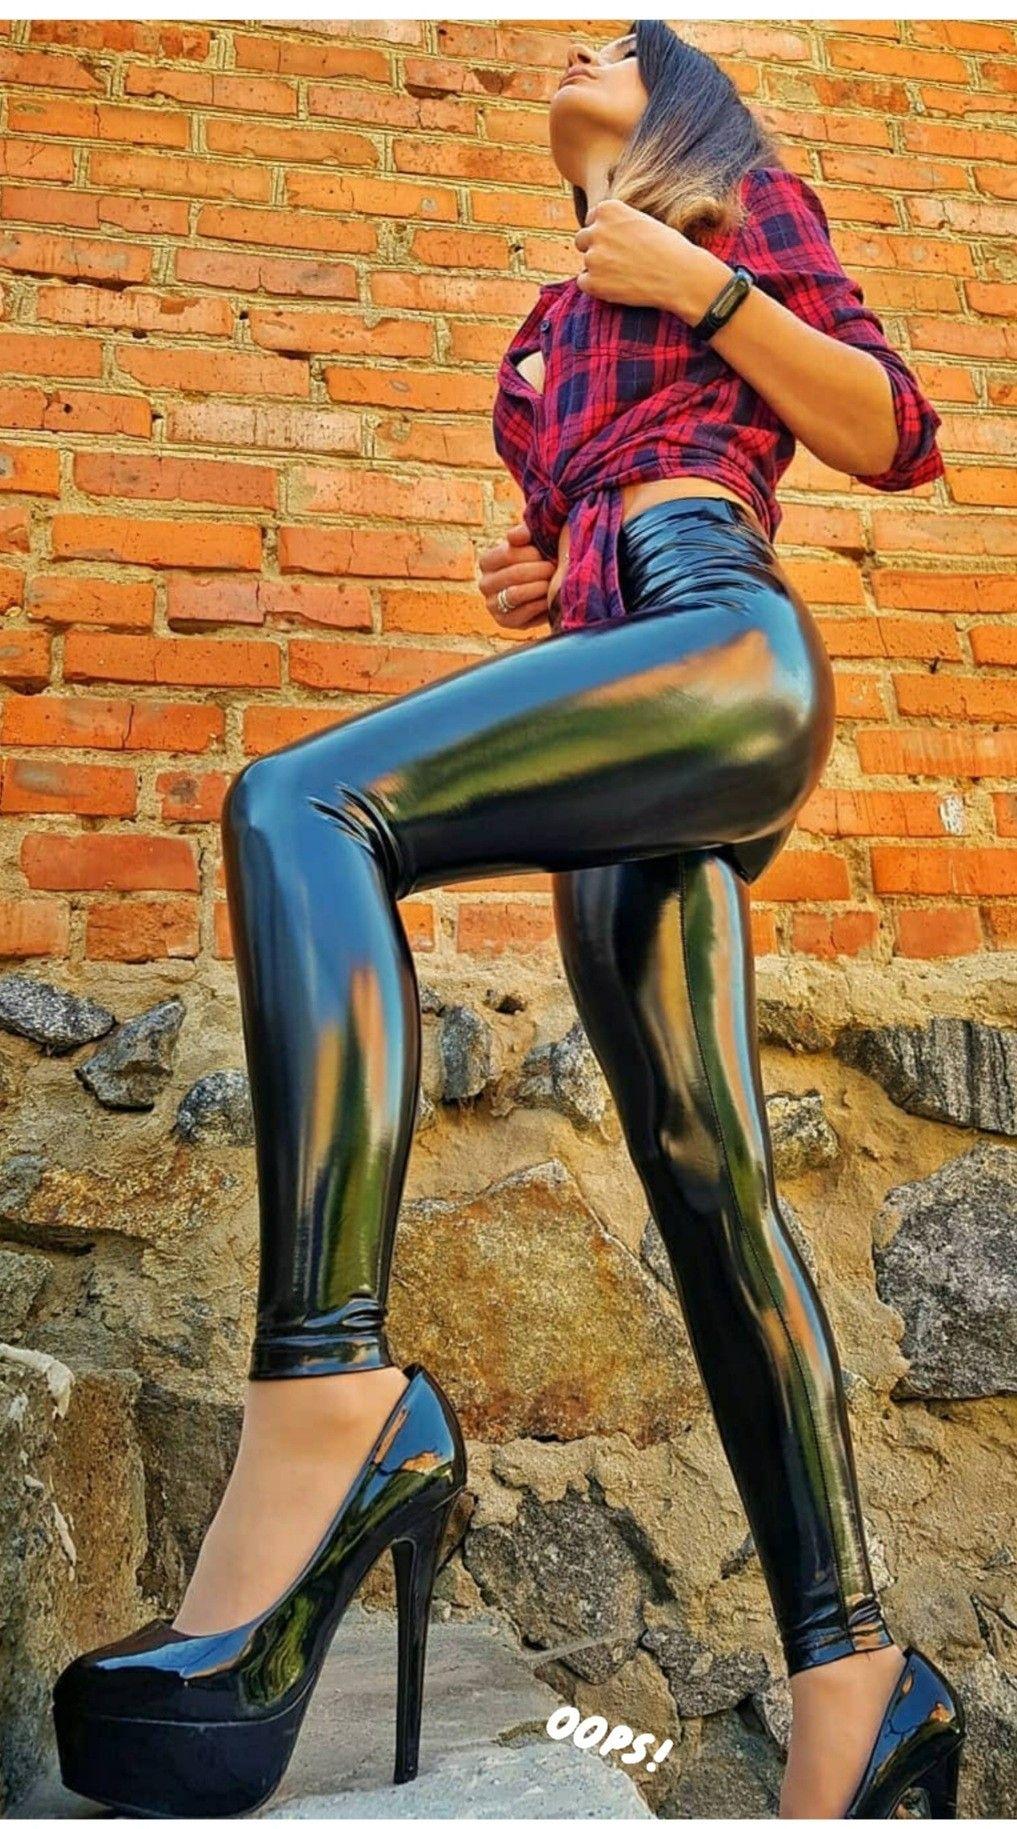 Pin von Jessica justino auf Olga in 2020 | Leggings, Leder